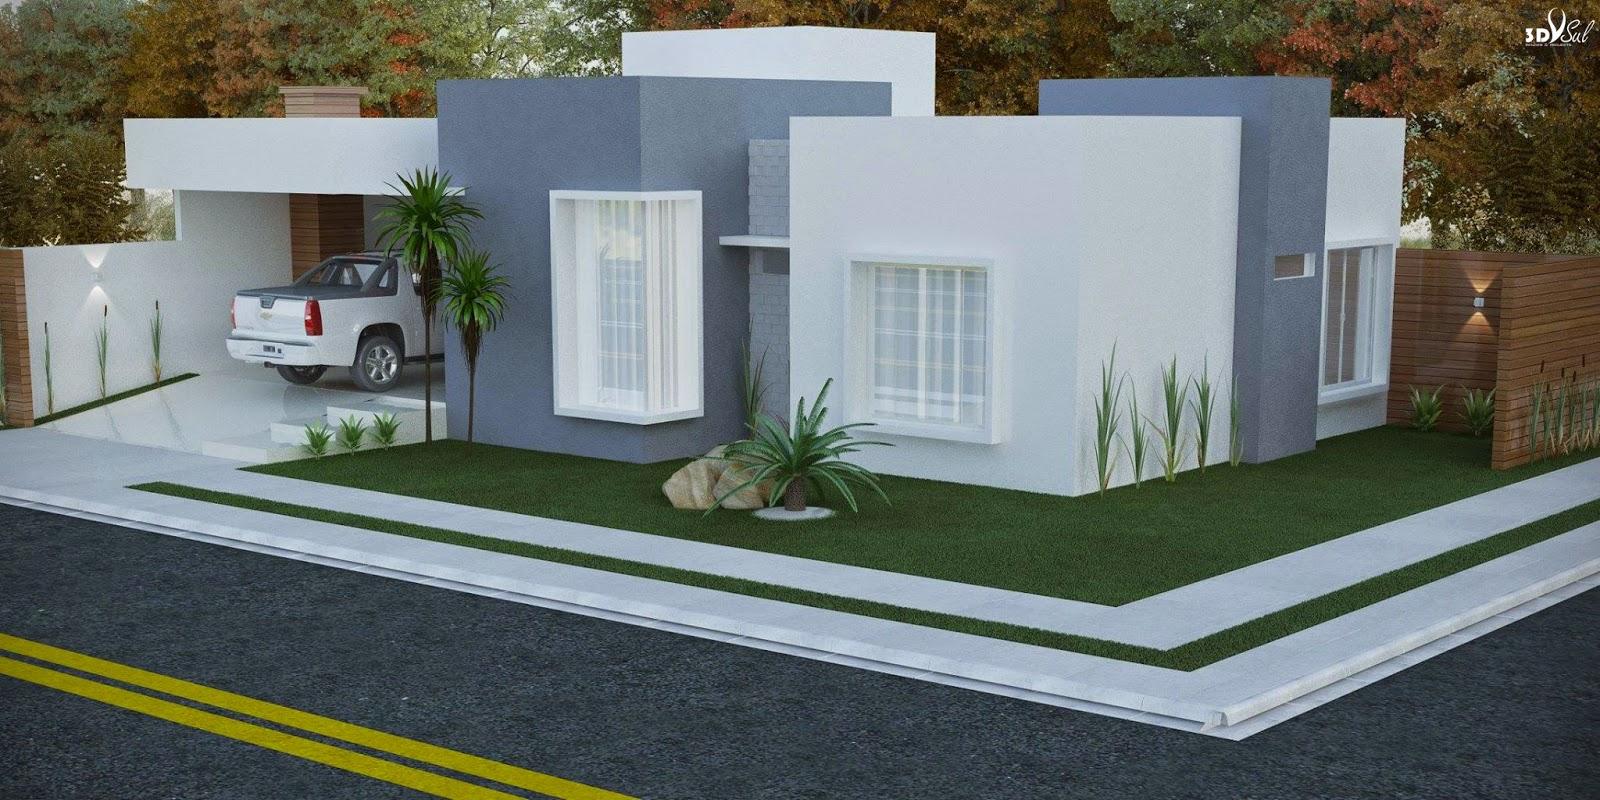 3dsul maquete eletr nica 3d projeto arquitetura for Casa moderna 4 ambientes